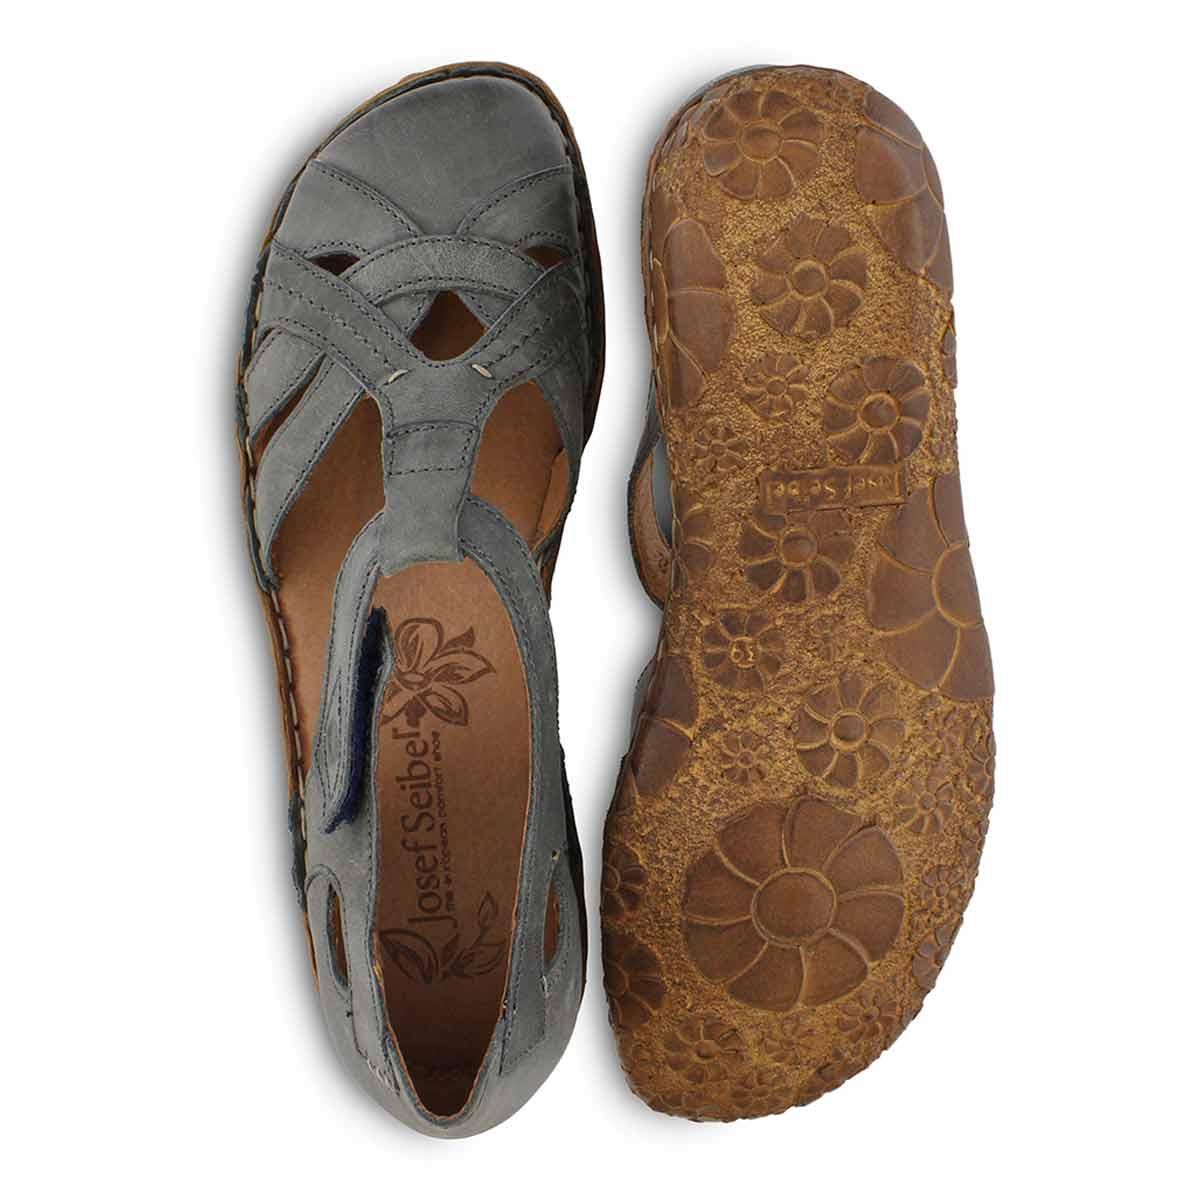 Lds Rosalie 29 jeans casual sandal